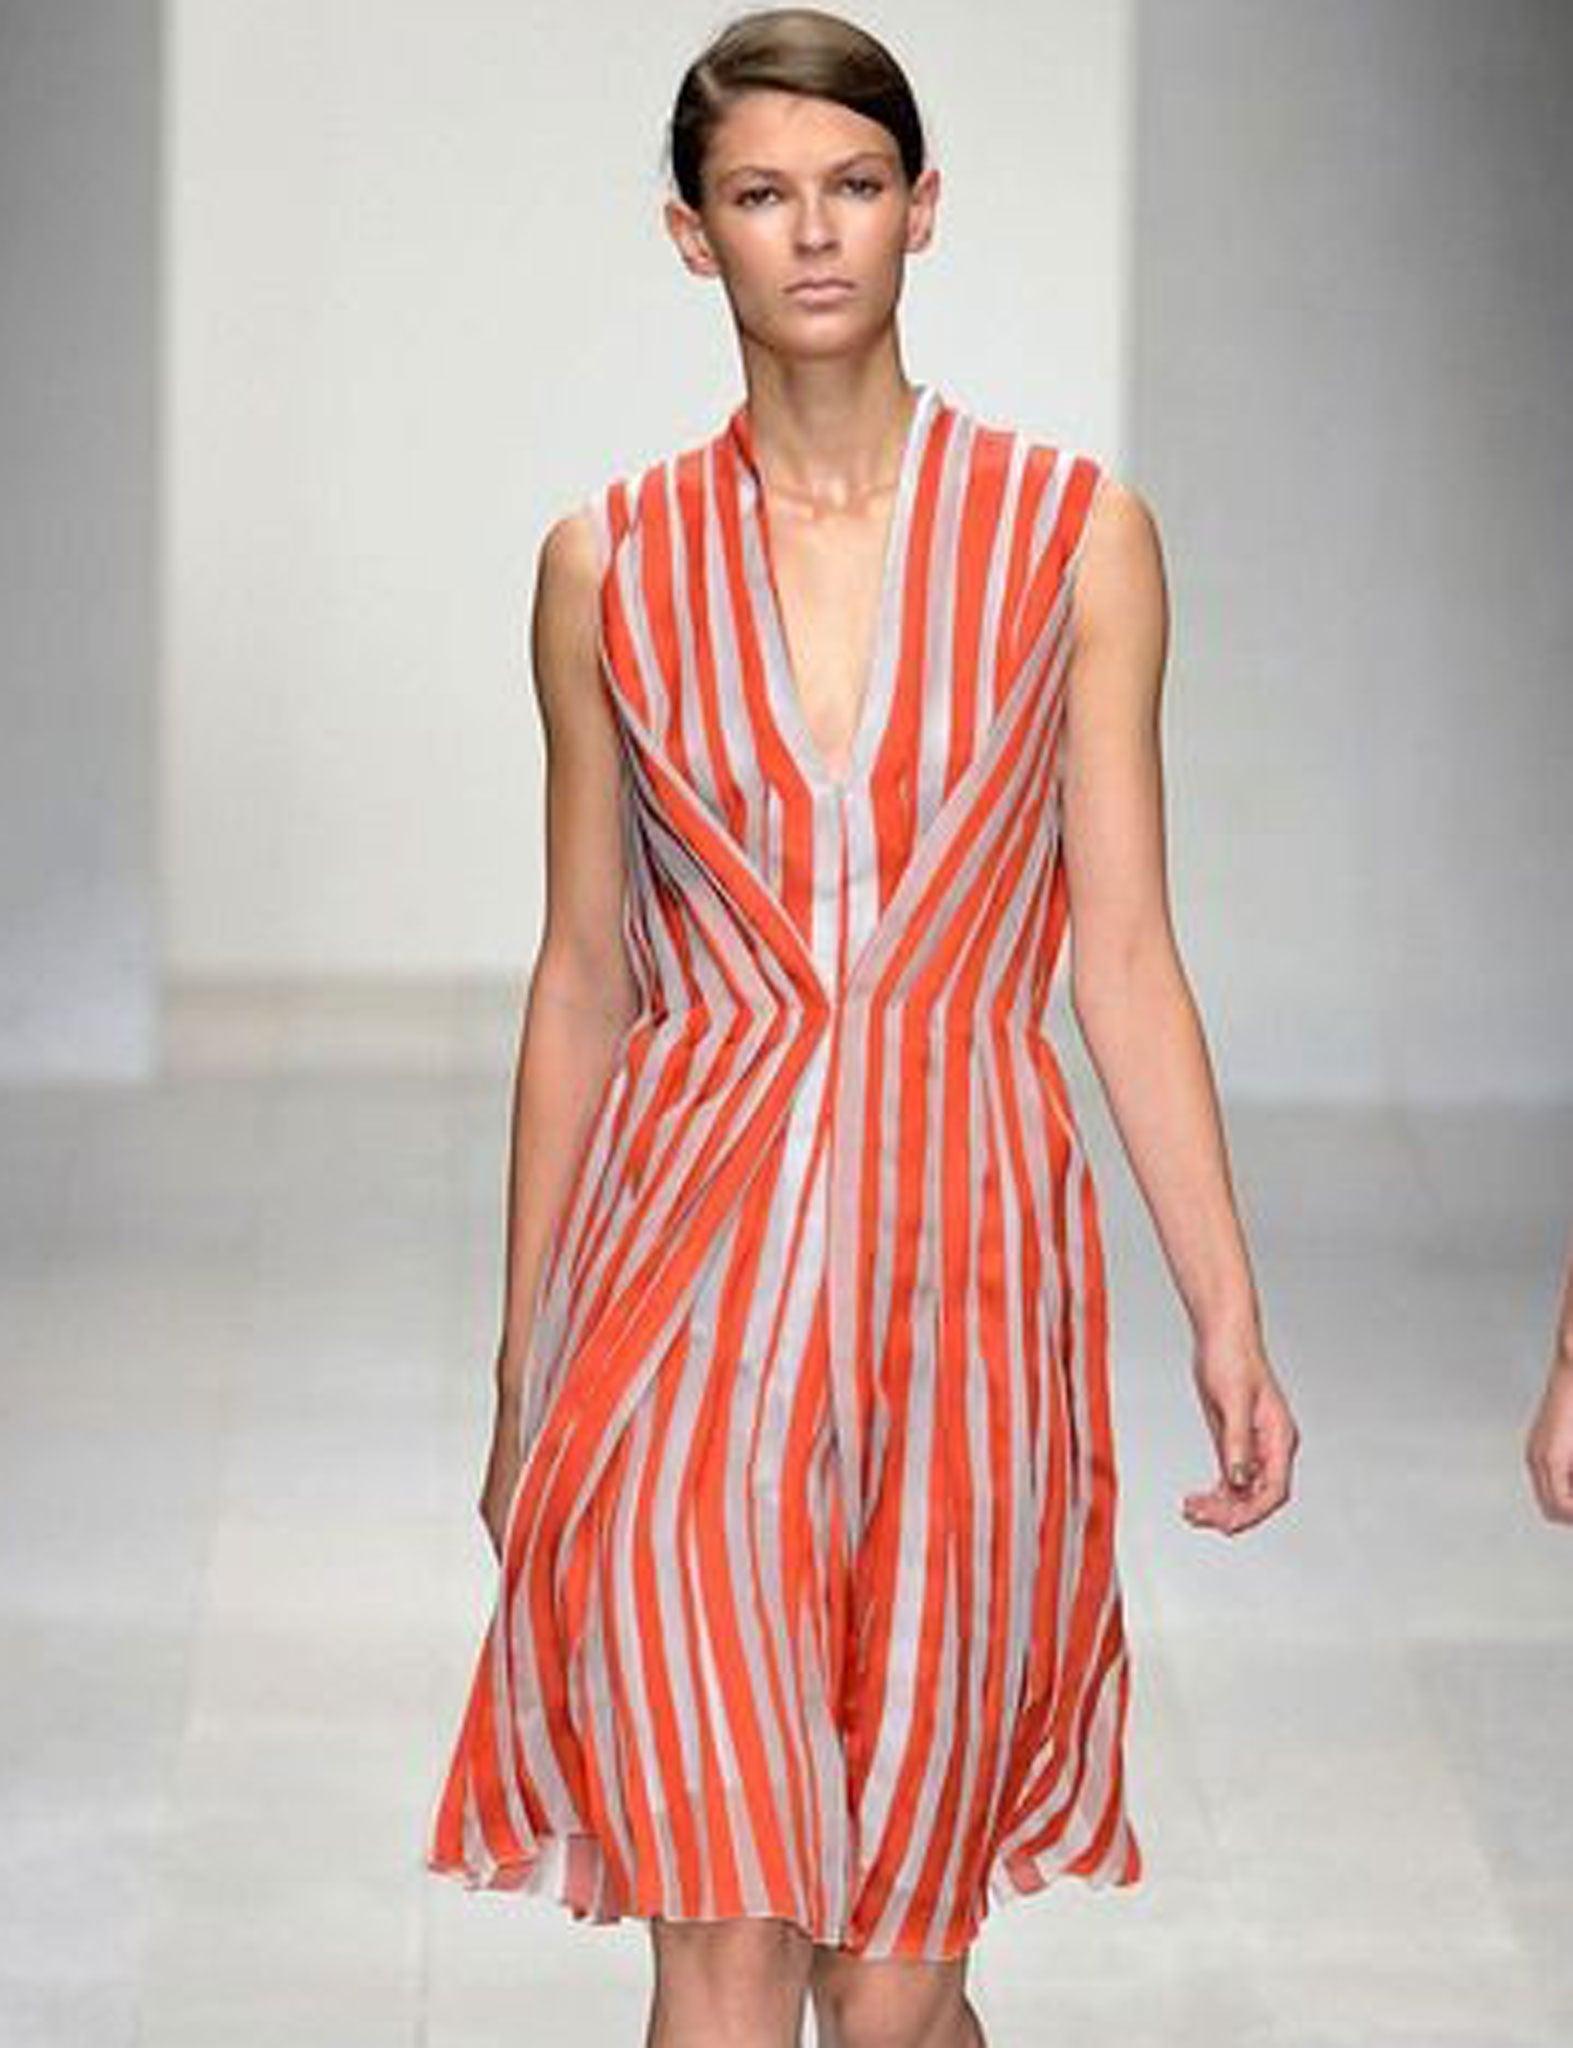 The Fashion Audit Fuelled Up Flicks One Off Wonders Designer 1